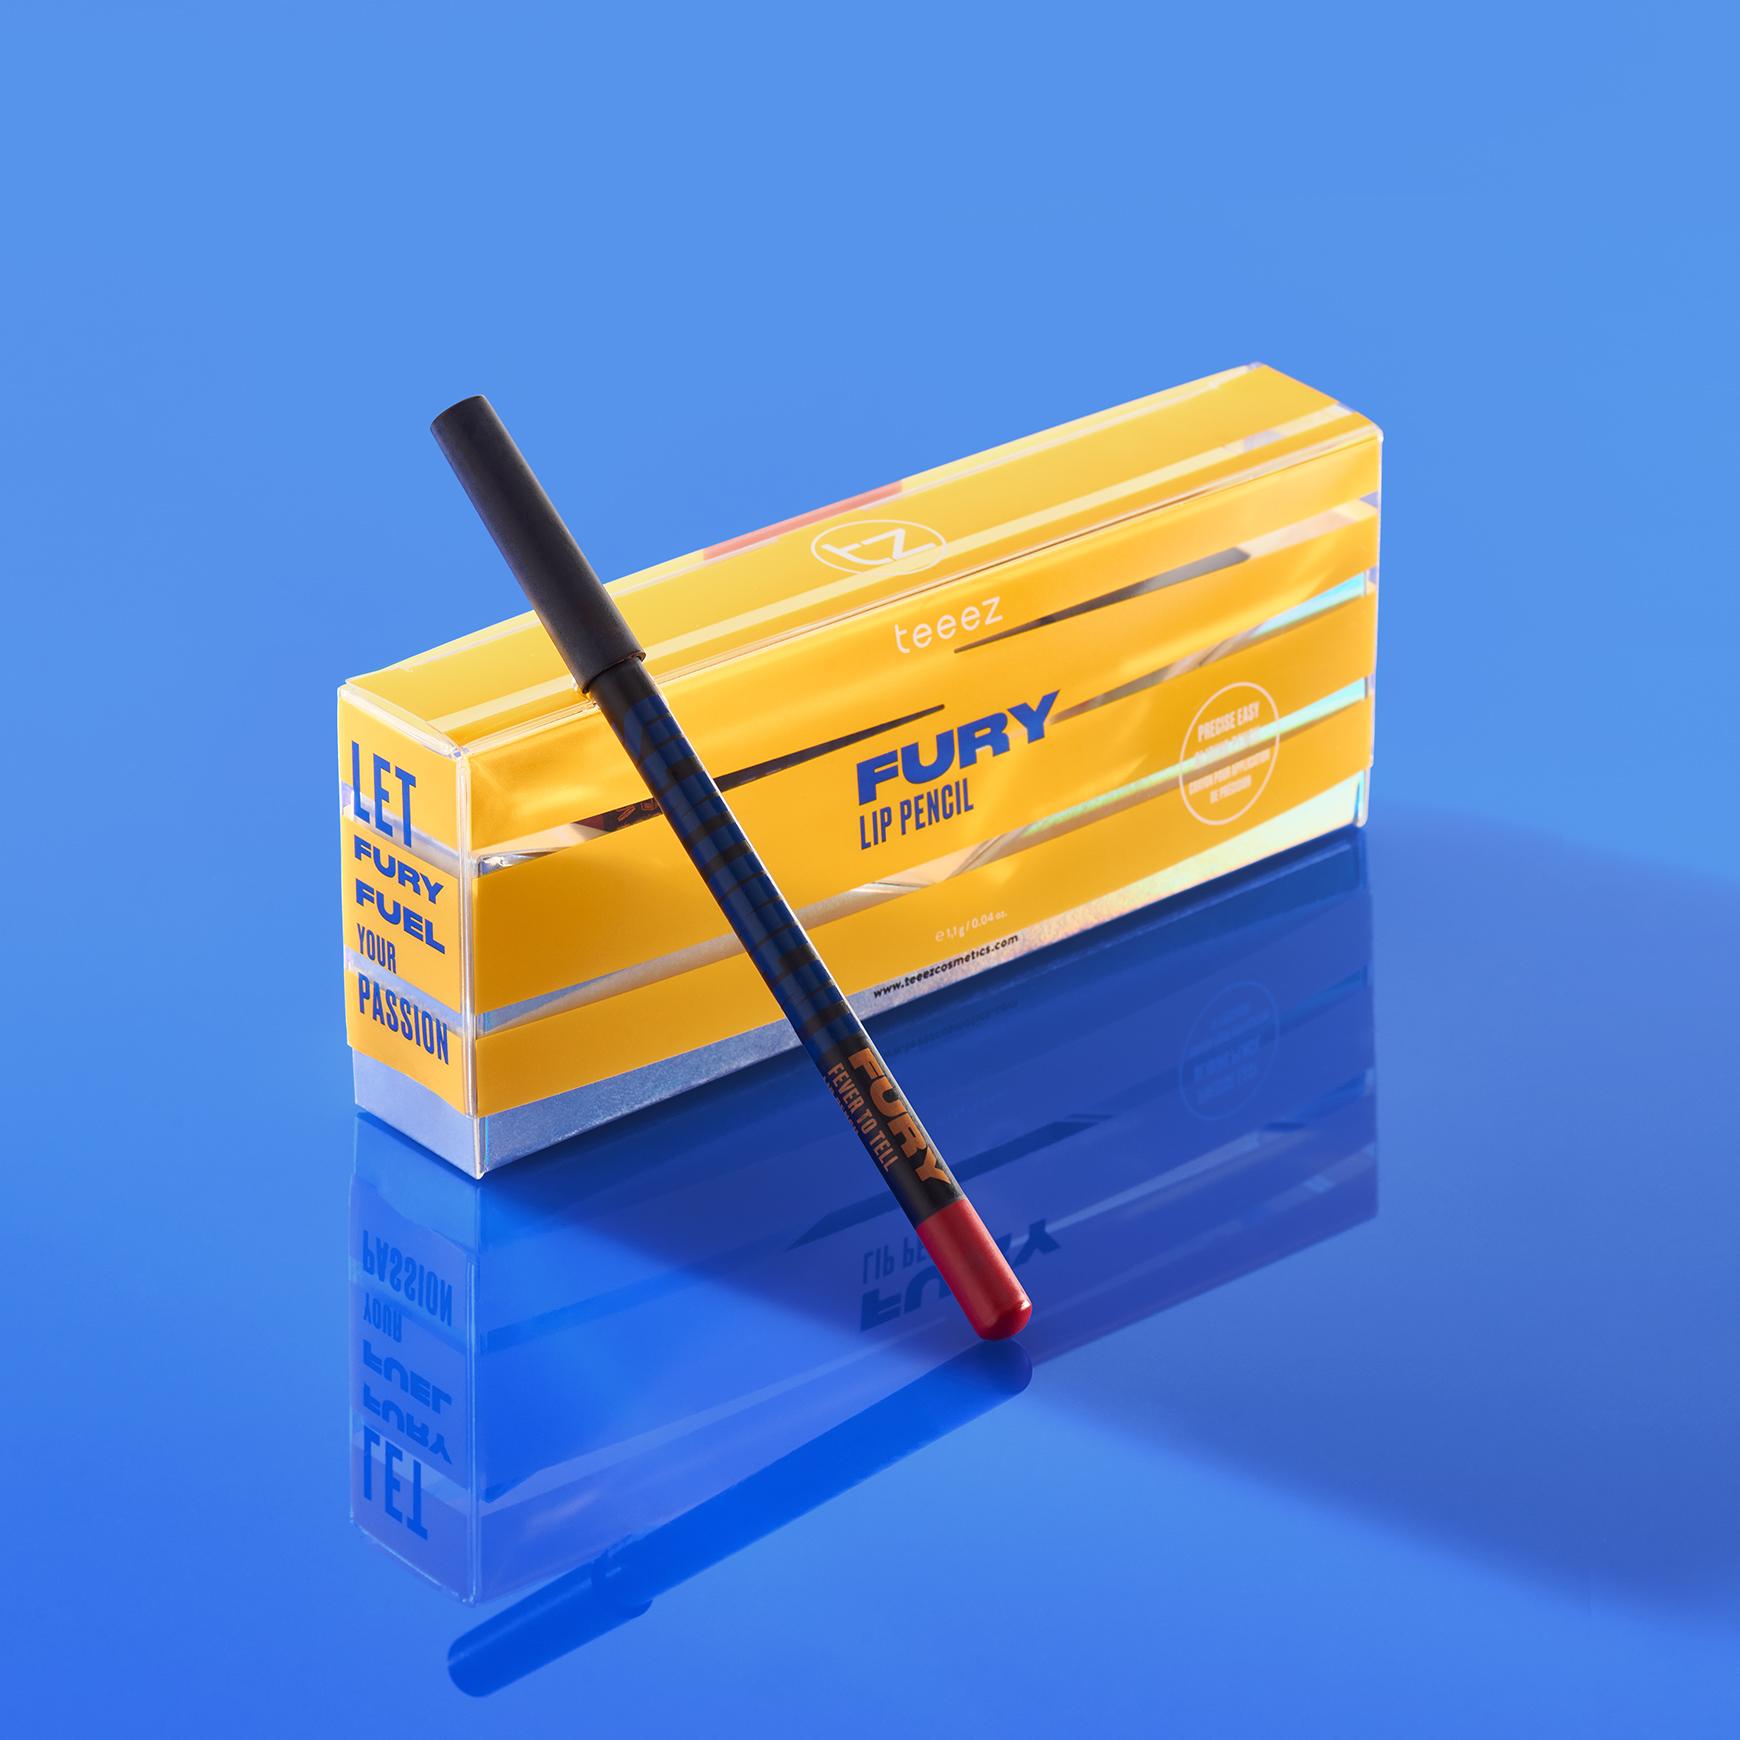 Fury-Lip-Pencil_1740-pixels